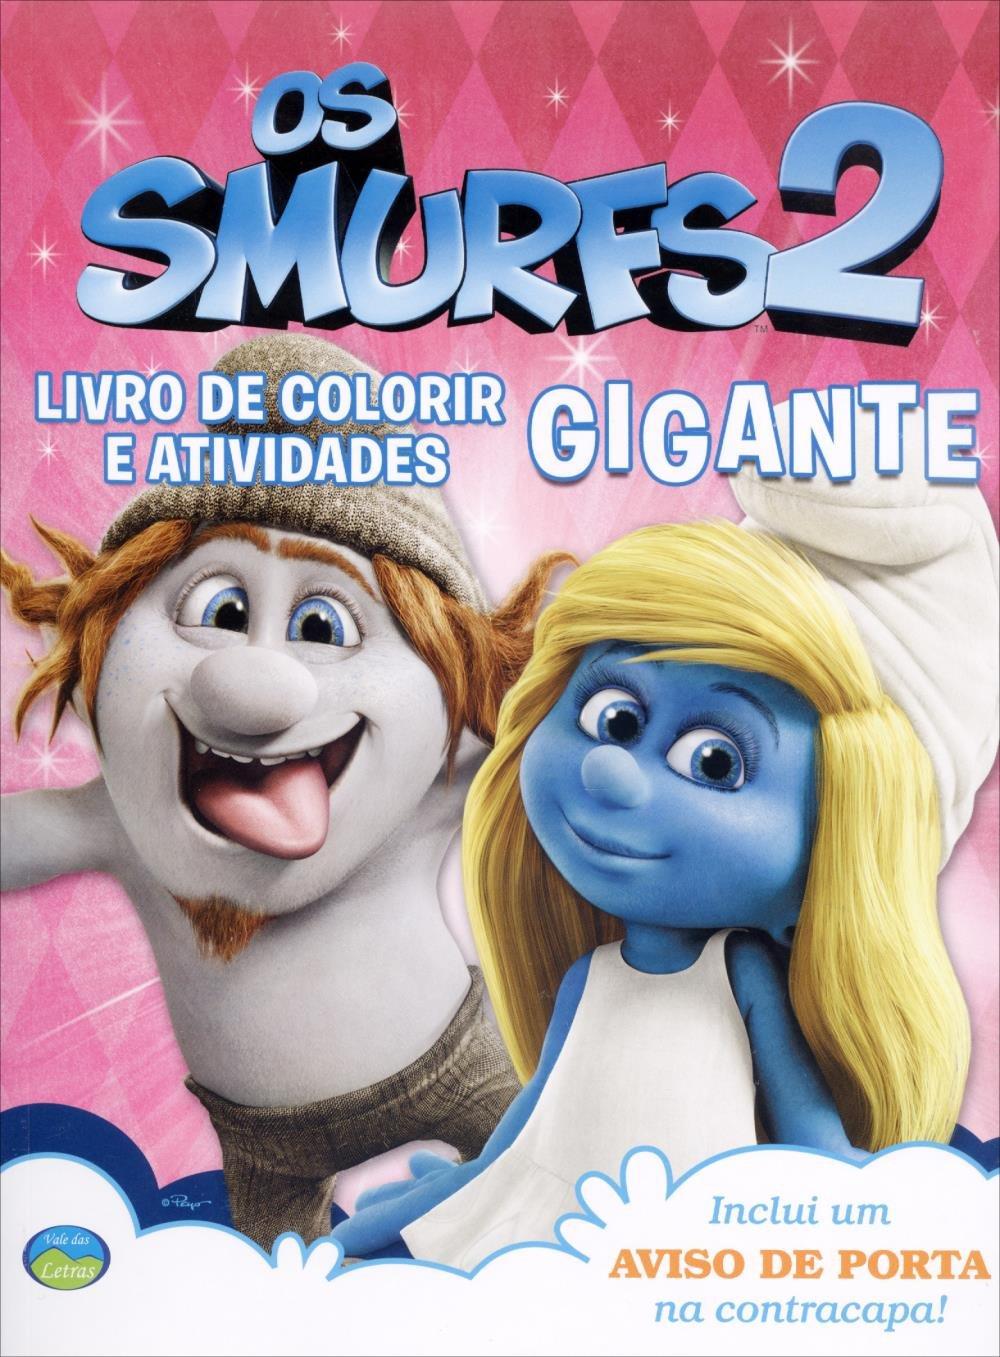 Os Smurfs 2 Livro De Colorir E Atividades Gigante Rosa Saraiva